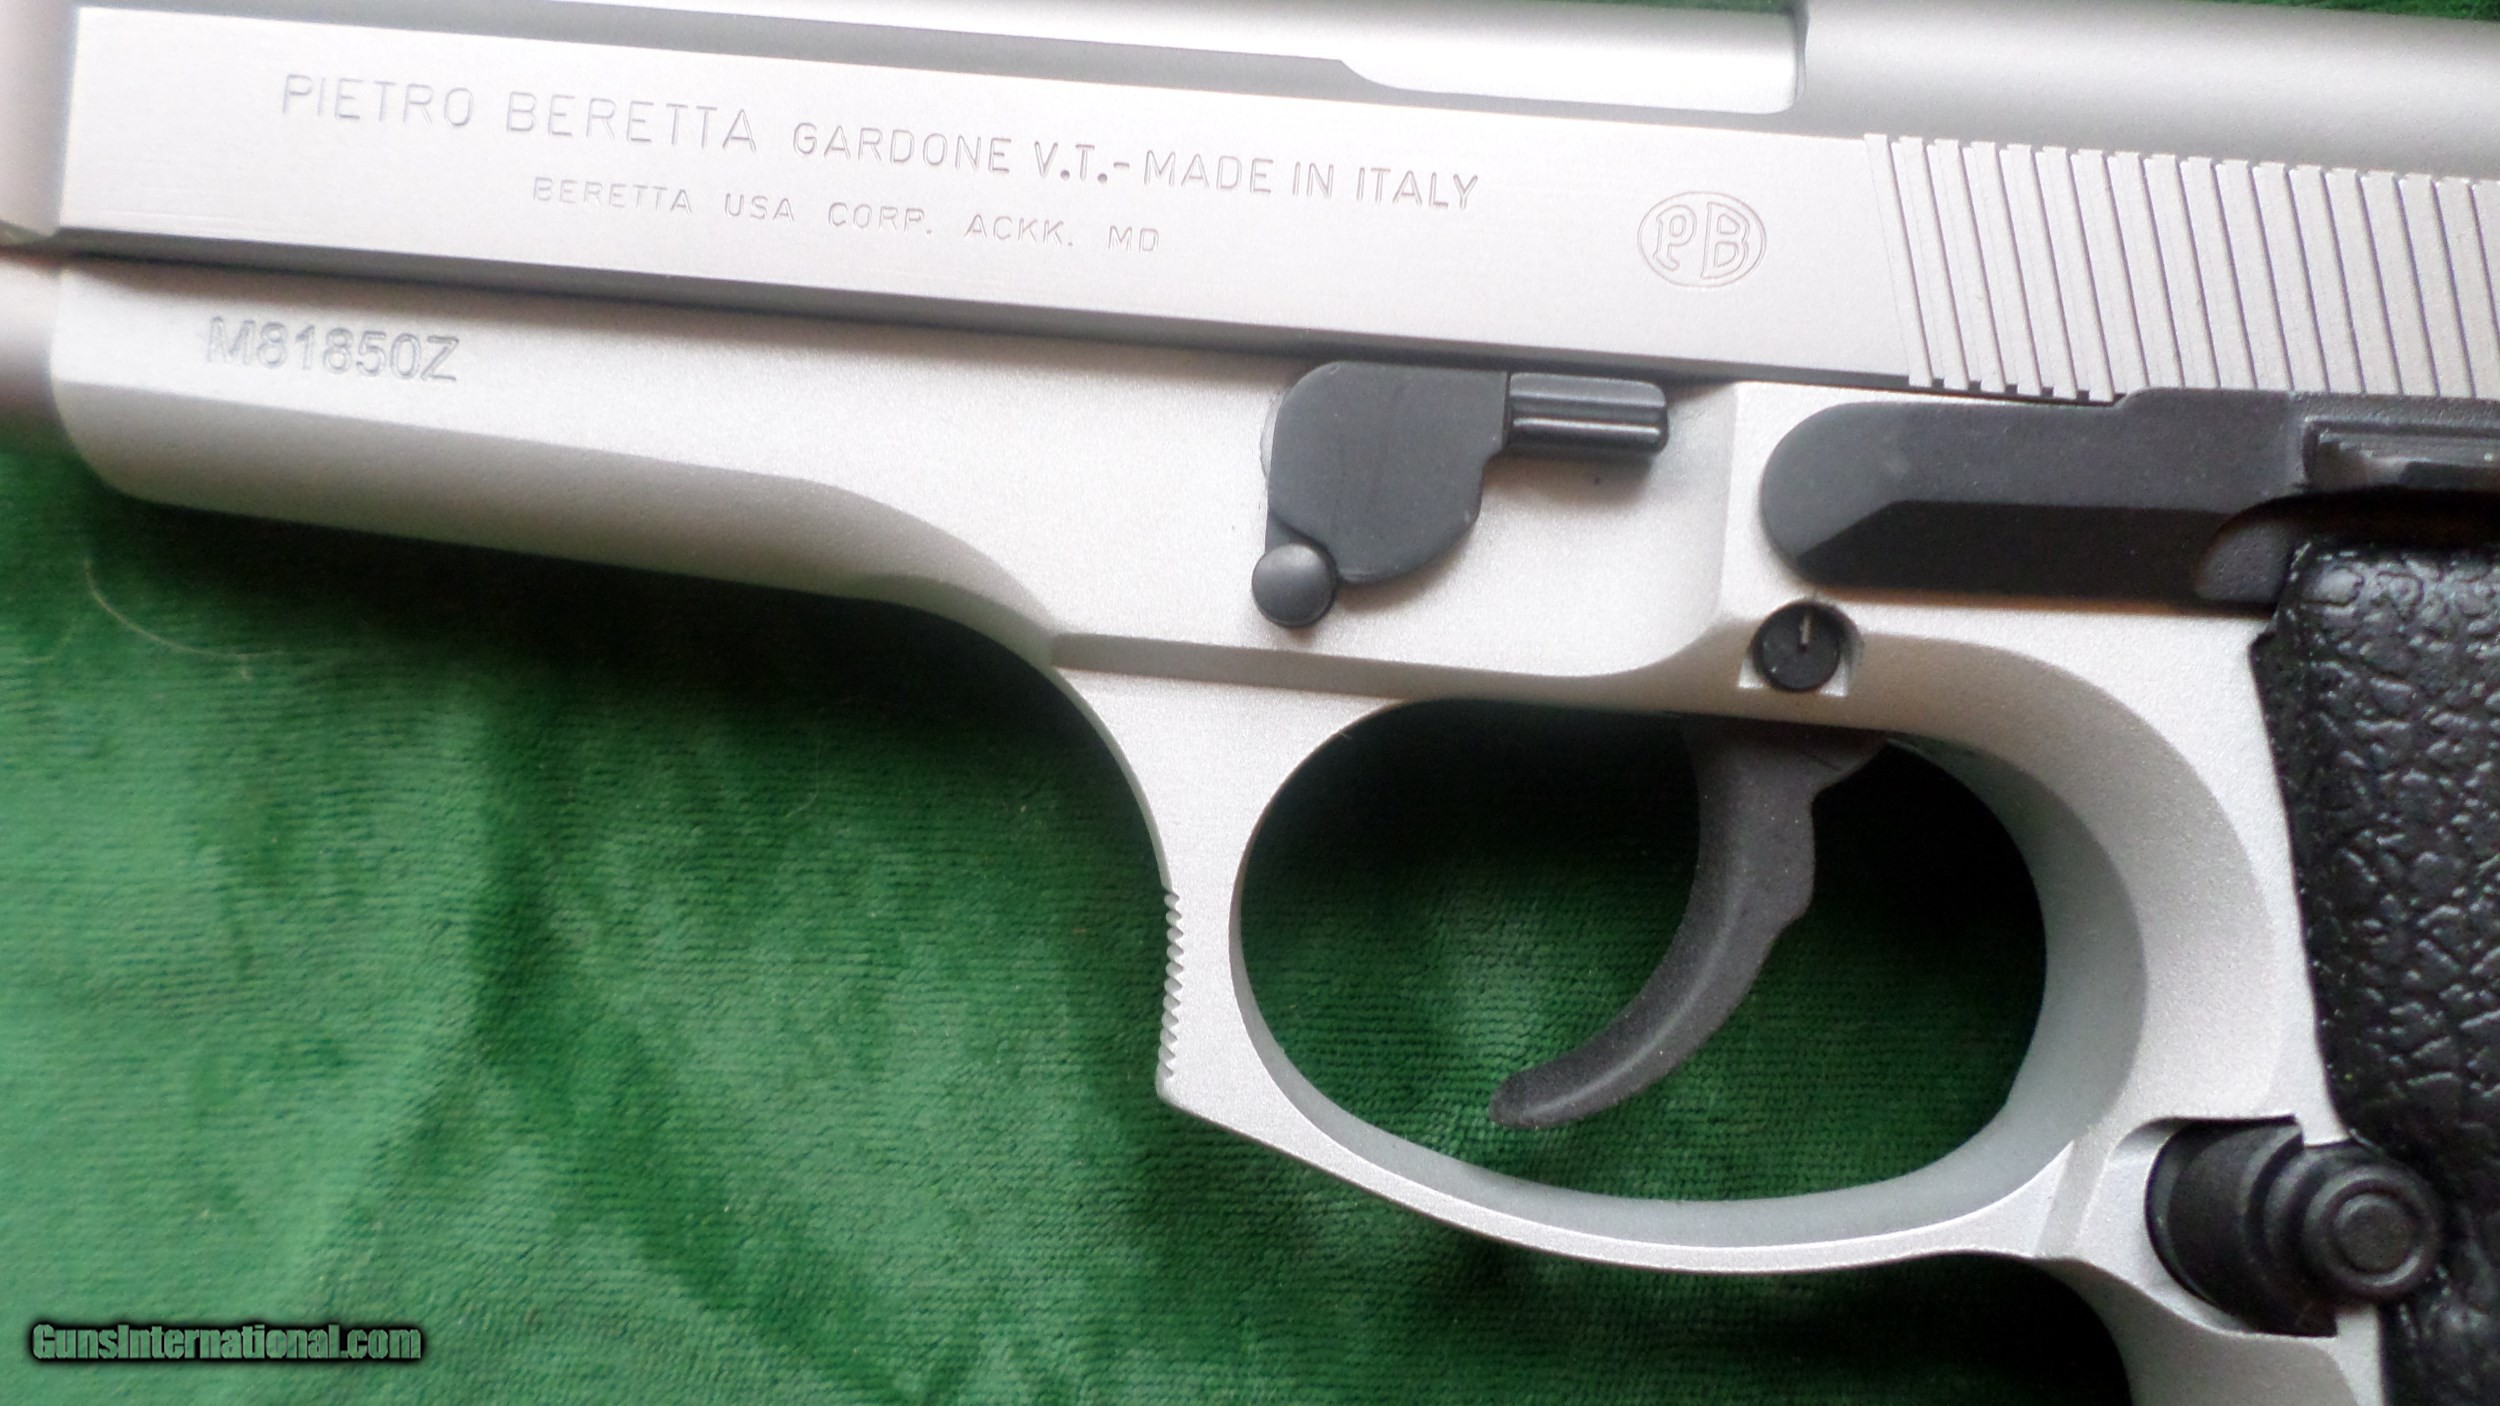 Beretta 92 FS 9mm 5